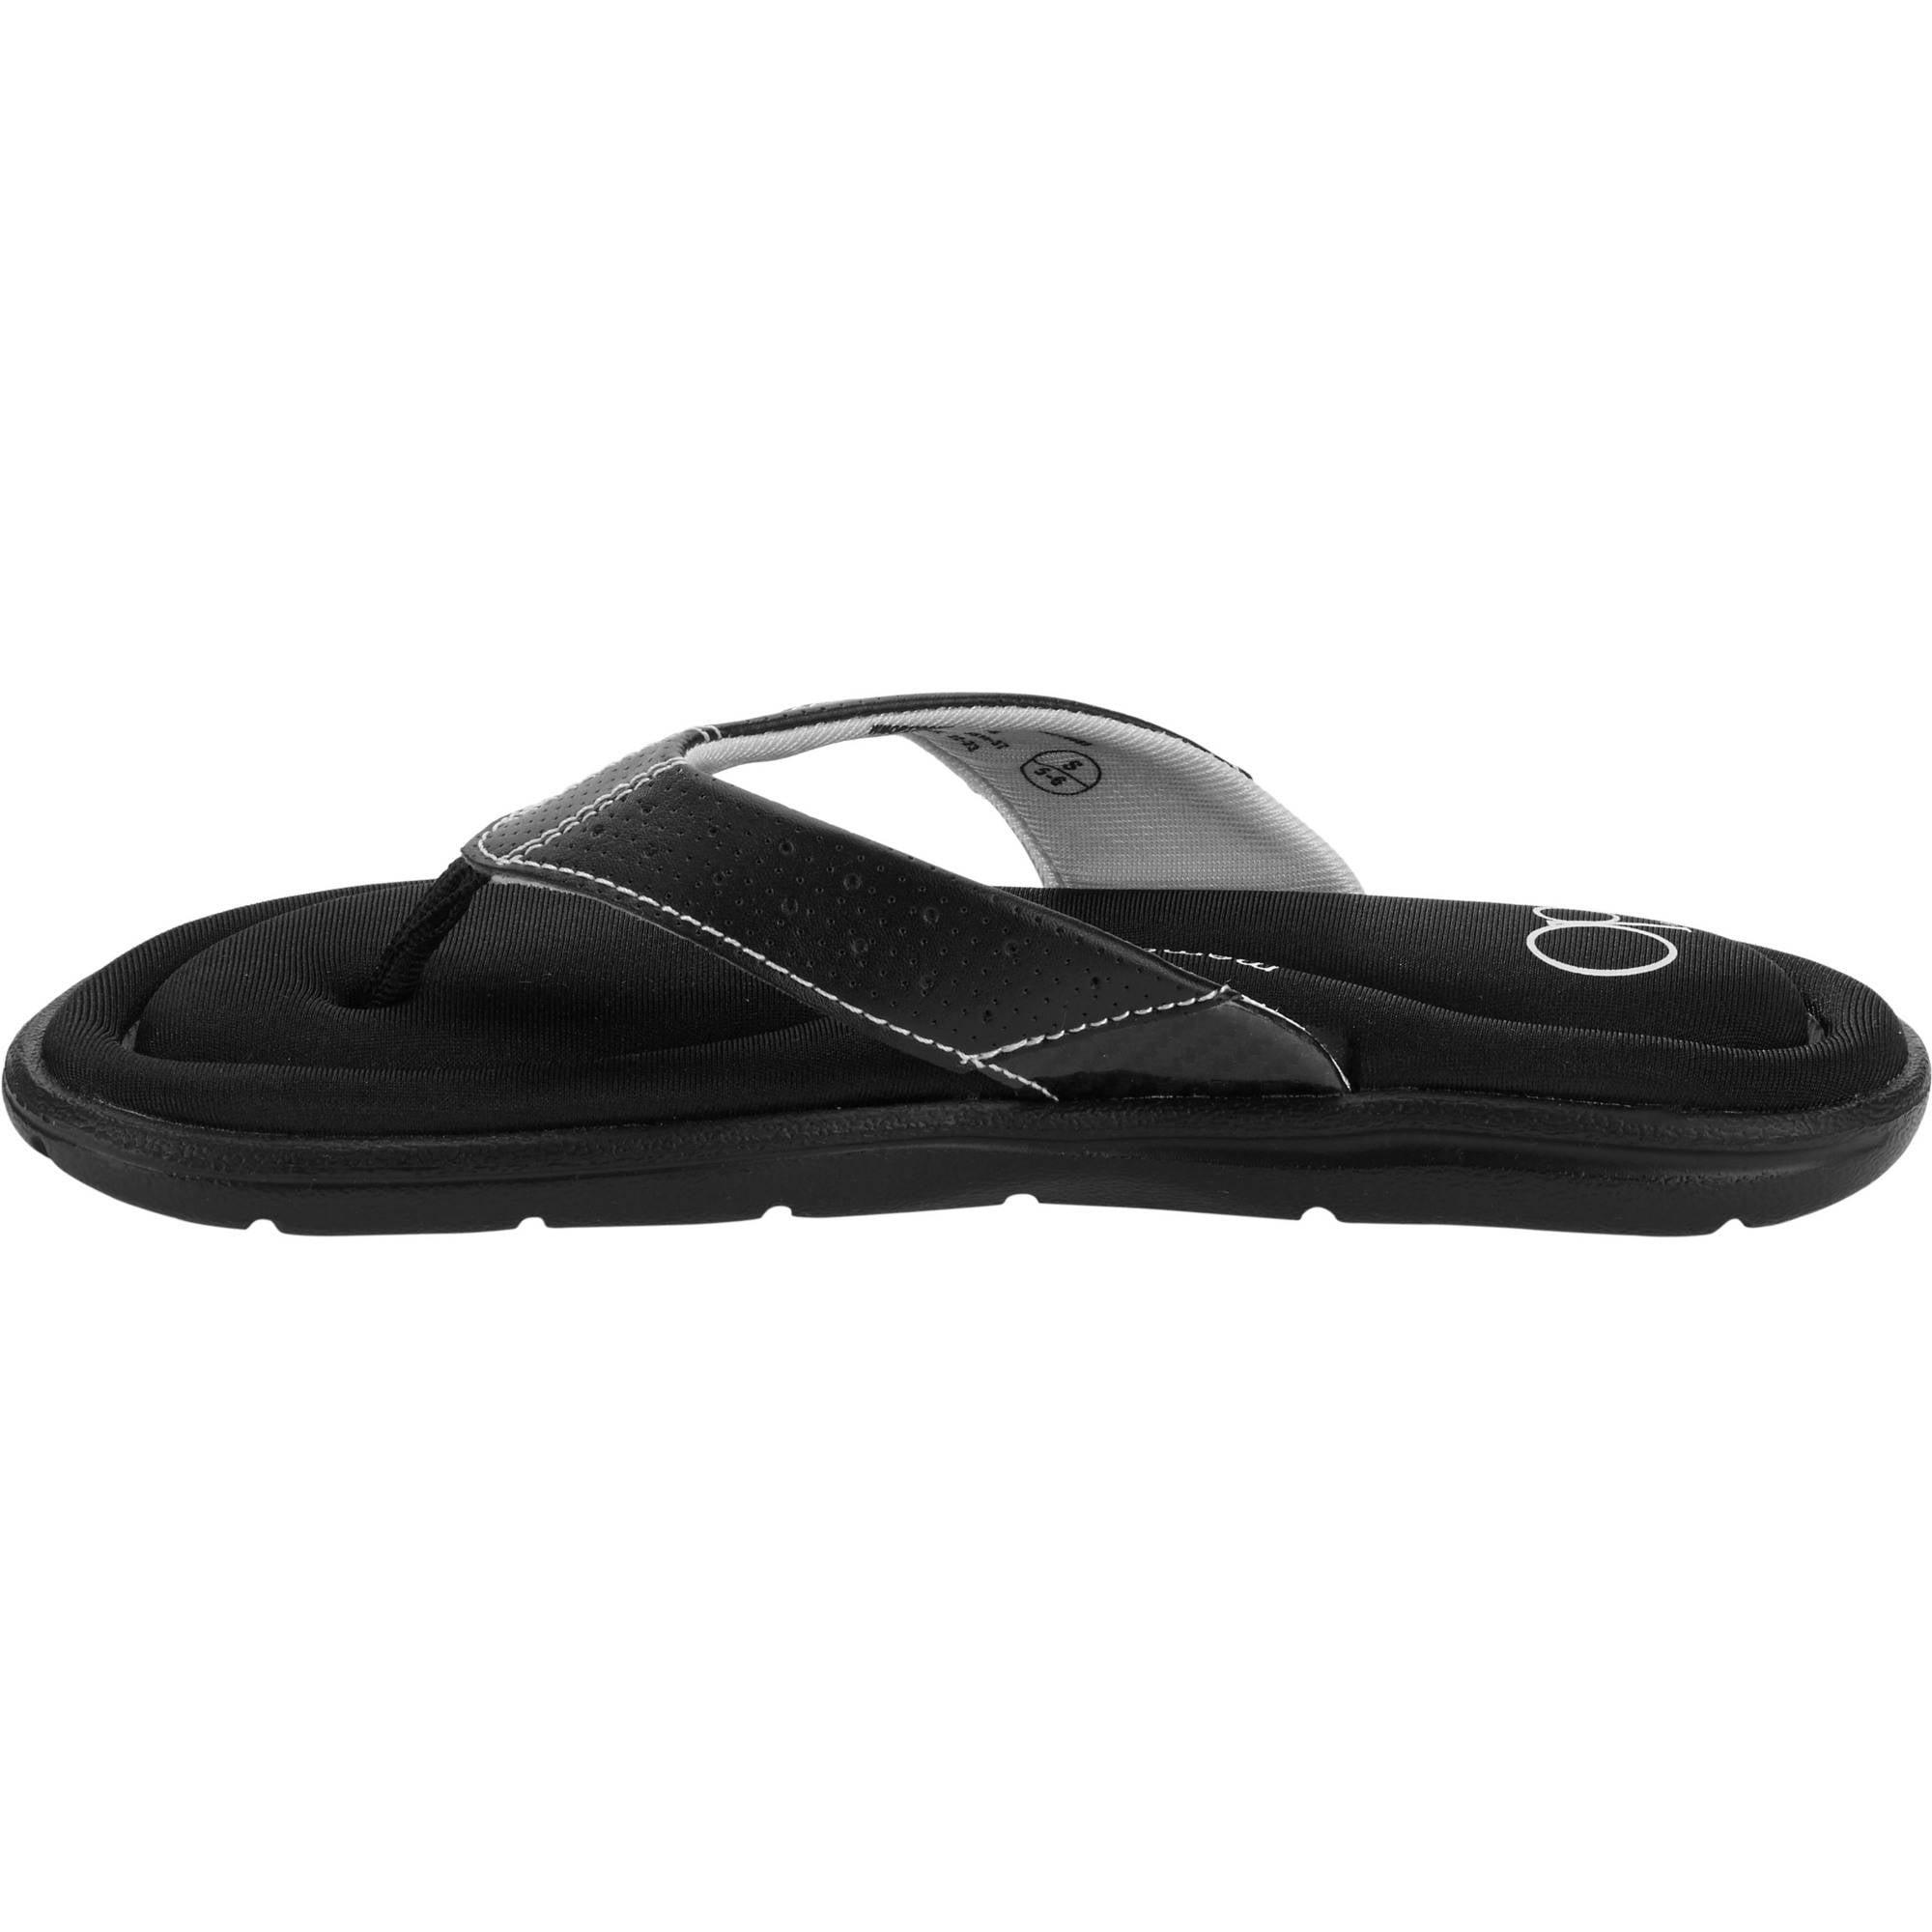 3c8691d52 OP - OP Women s Comfort Memory Foam Sandal - Walmart.com